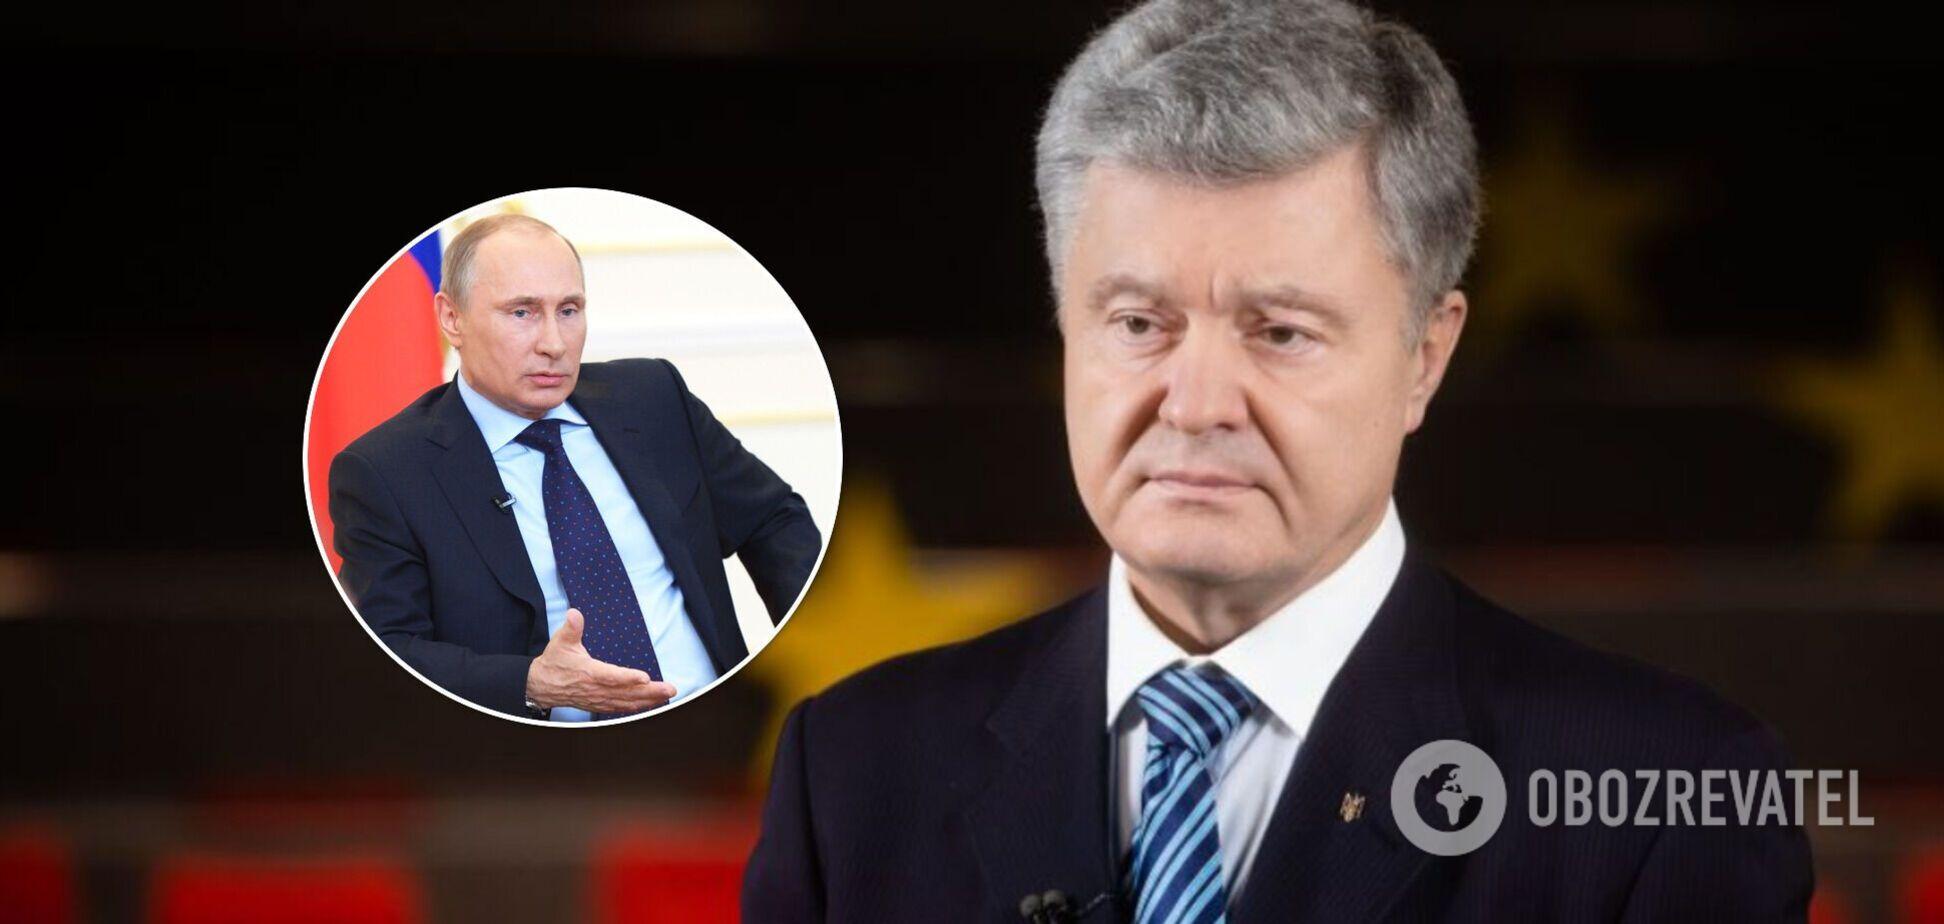 Порошенко: Путин, отцепись от Украины, выведи своих бандитов